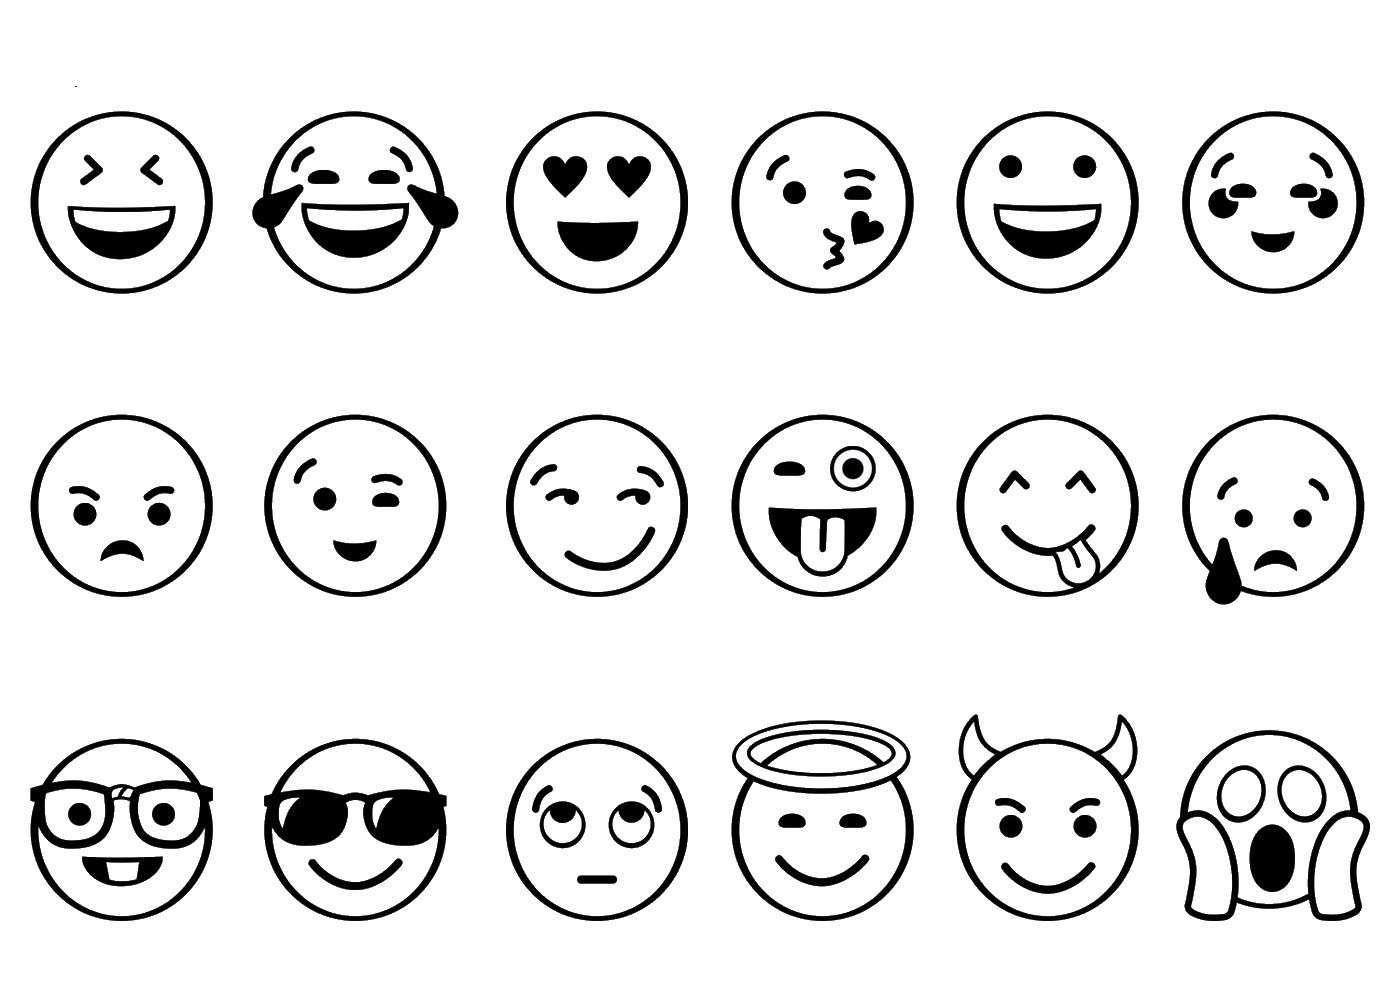 האתר הגדול בישראל לדפי צביעה להדפסה ואונליין באיכות מעולה 8742 Emoji Cool Coloriage Dessin Coloriage Dessin D Emoji Coloriage Emoji